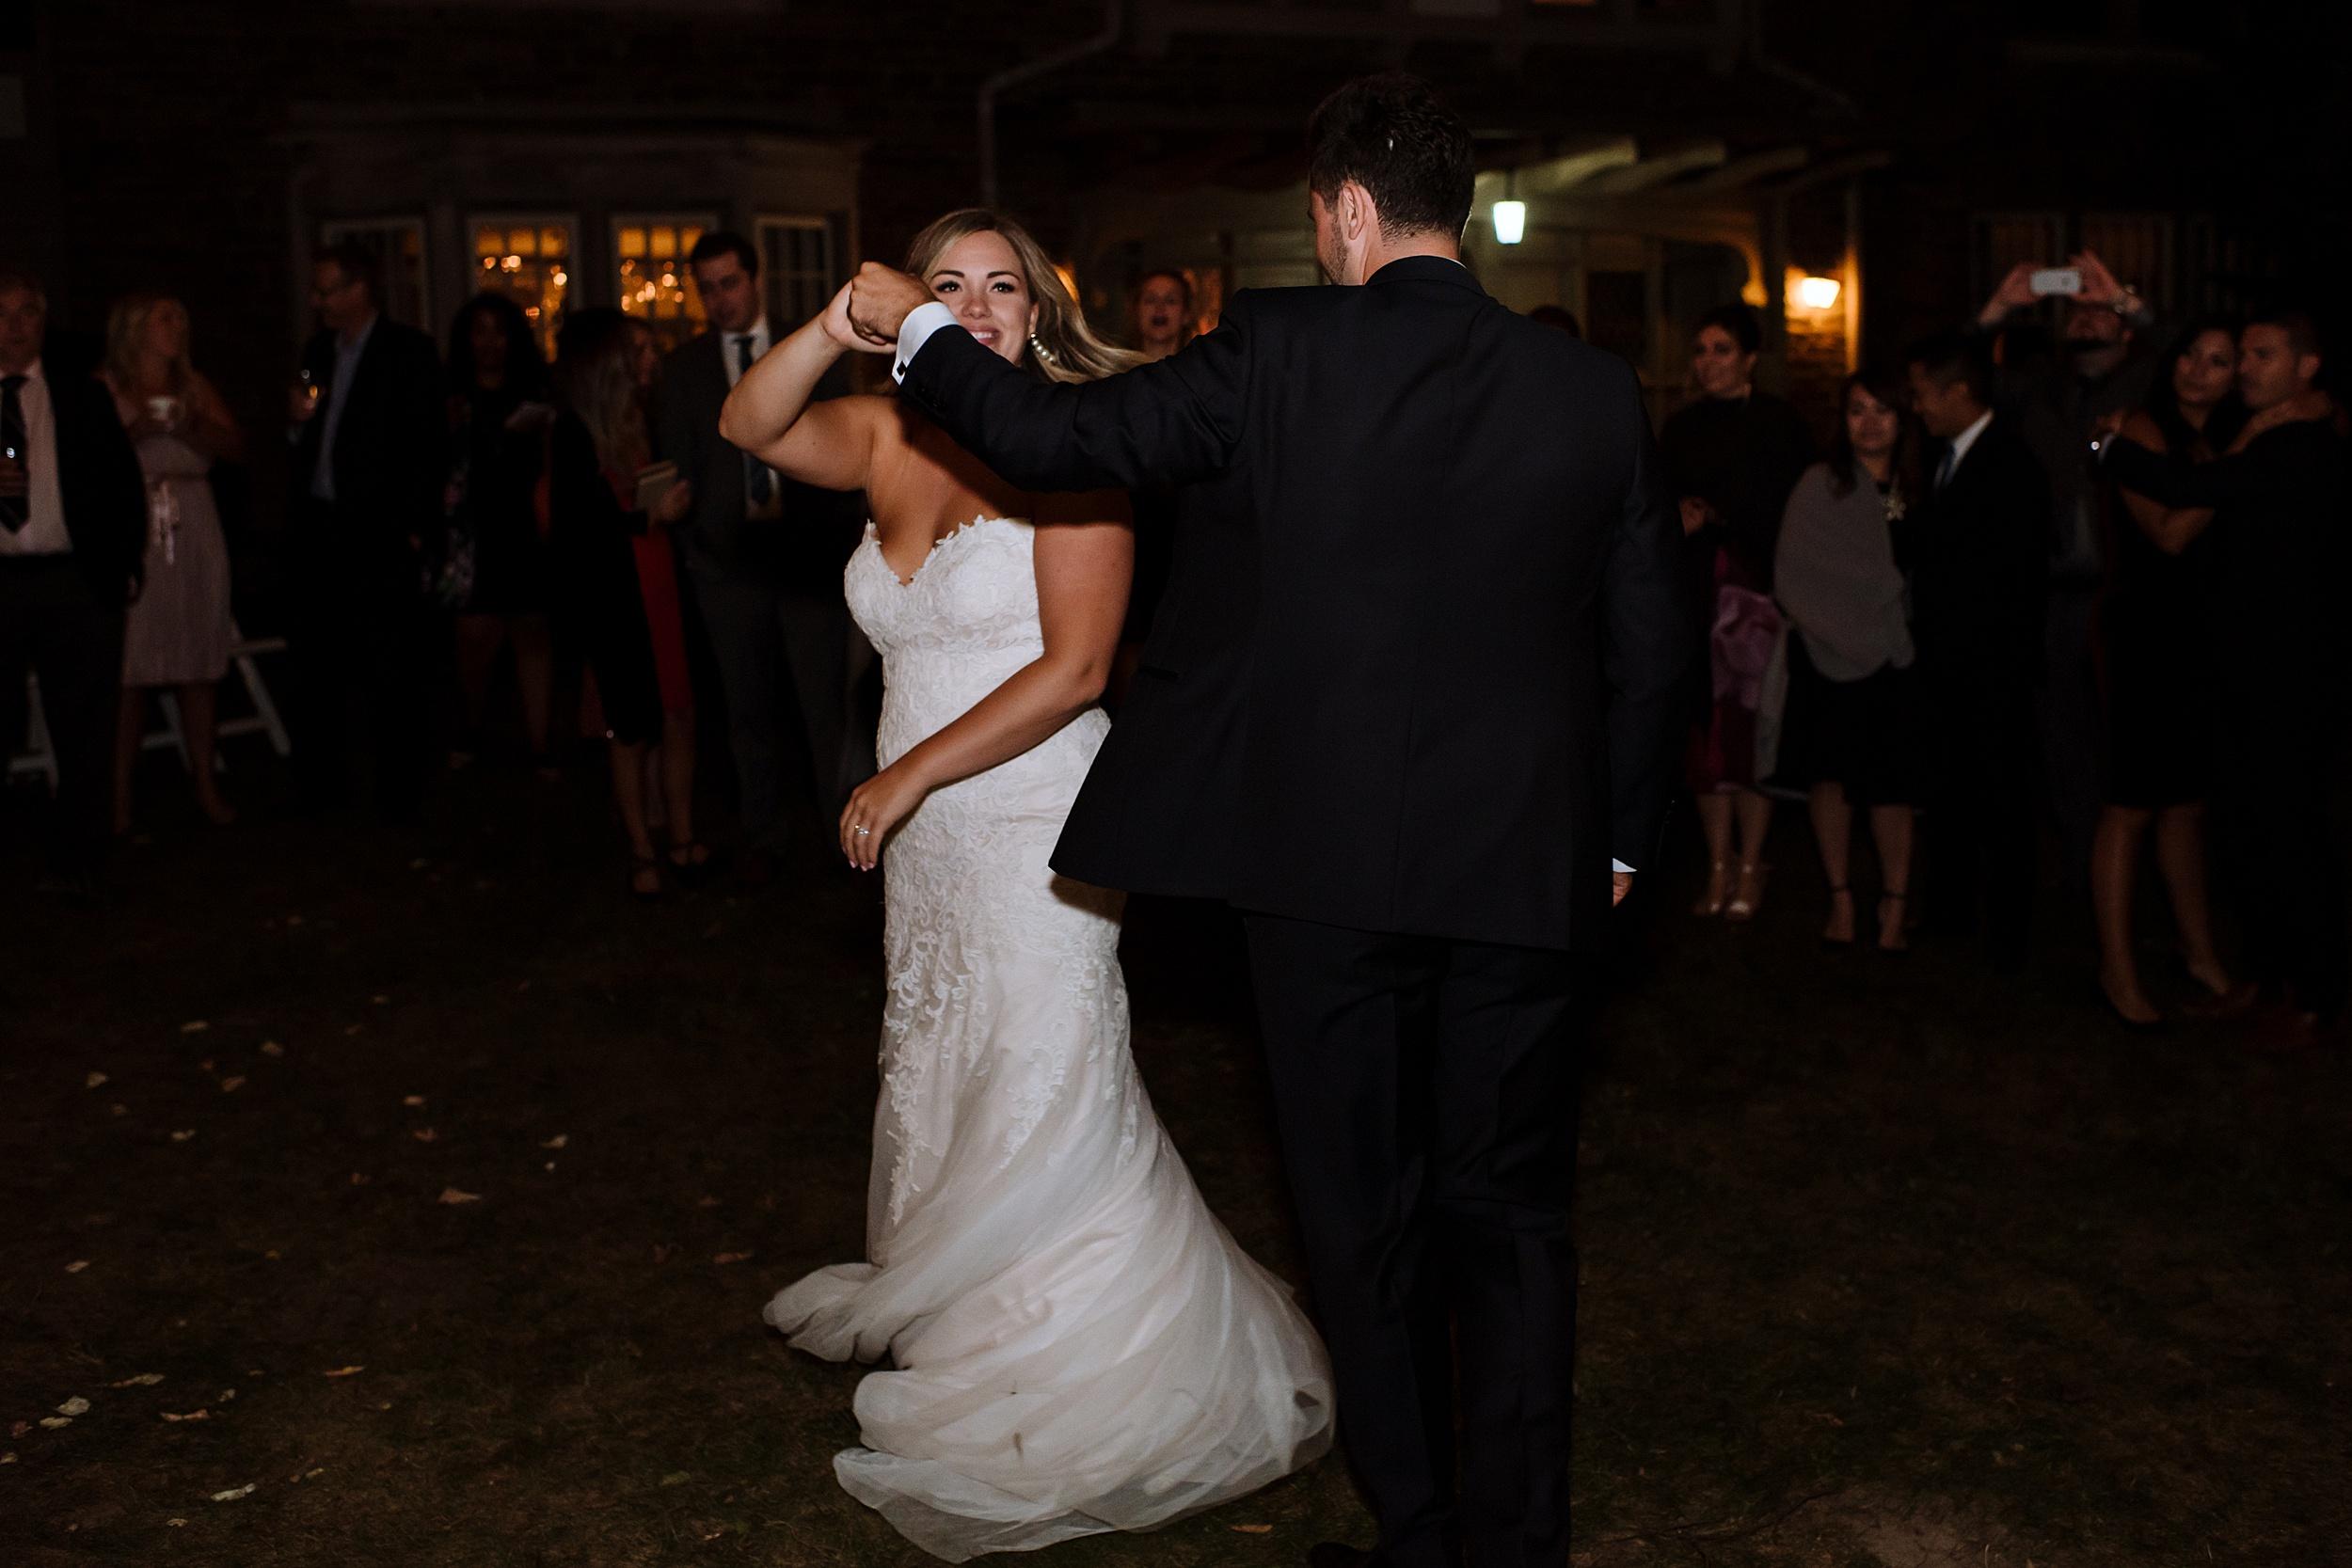 Rustic_Backyard_Wedding_Toronto_Photographer167.jpg